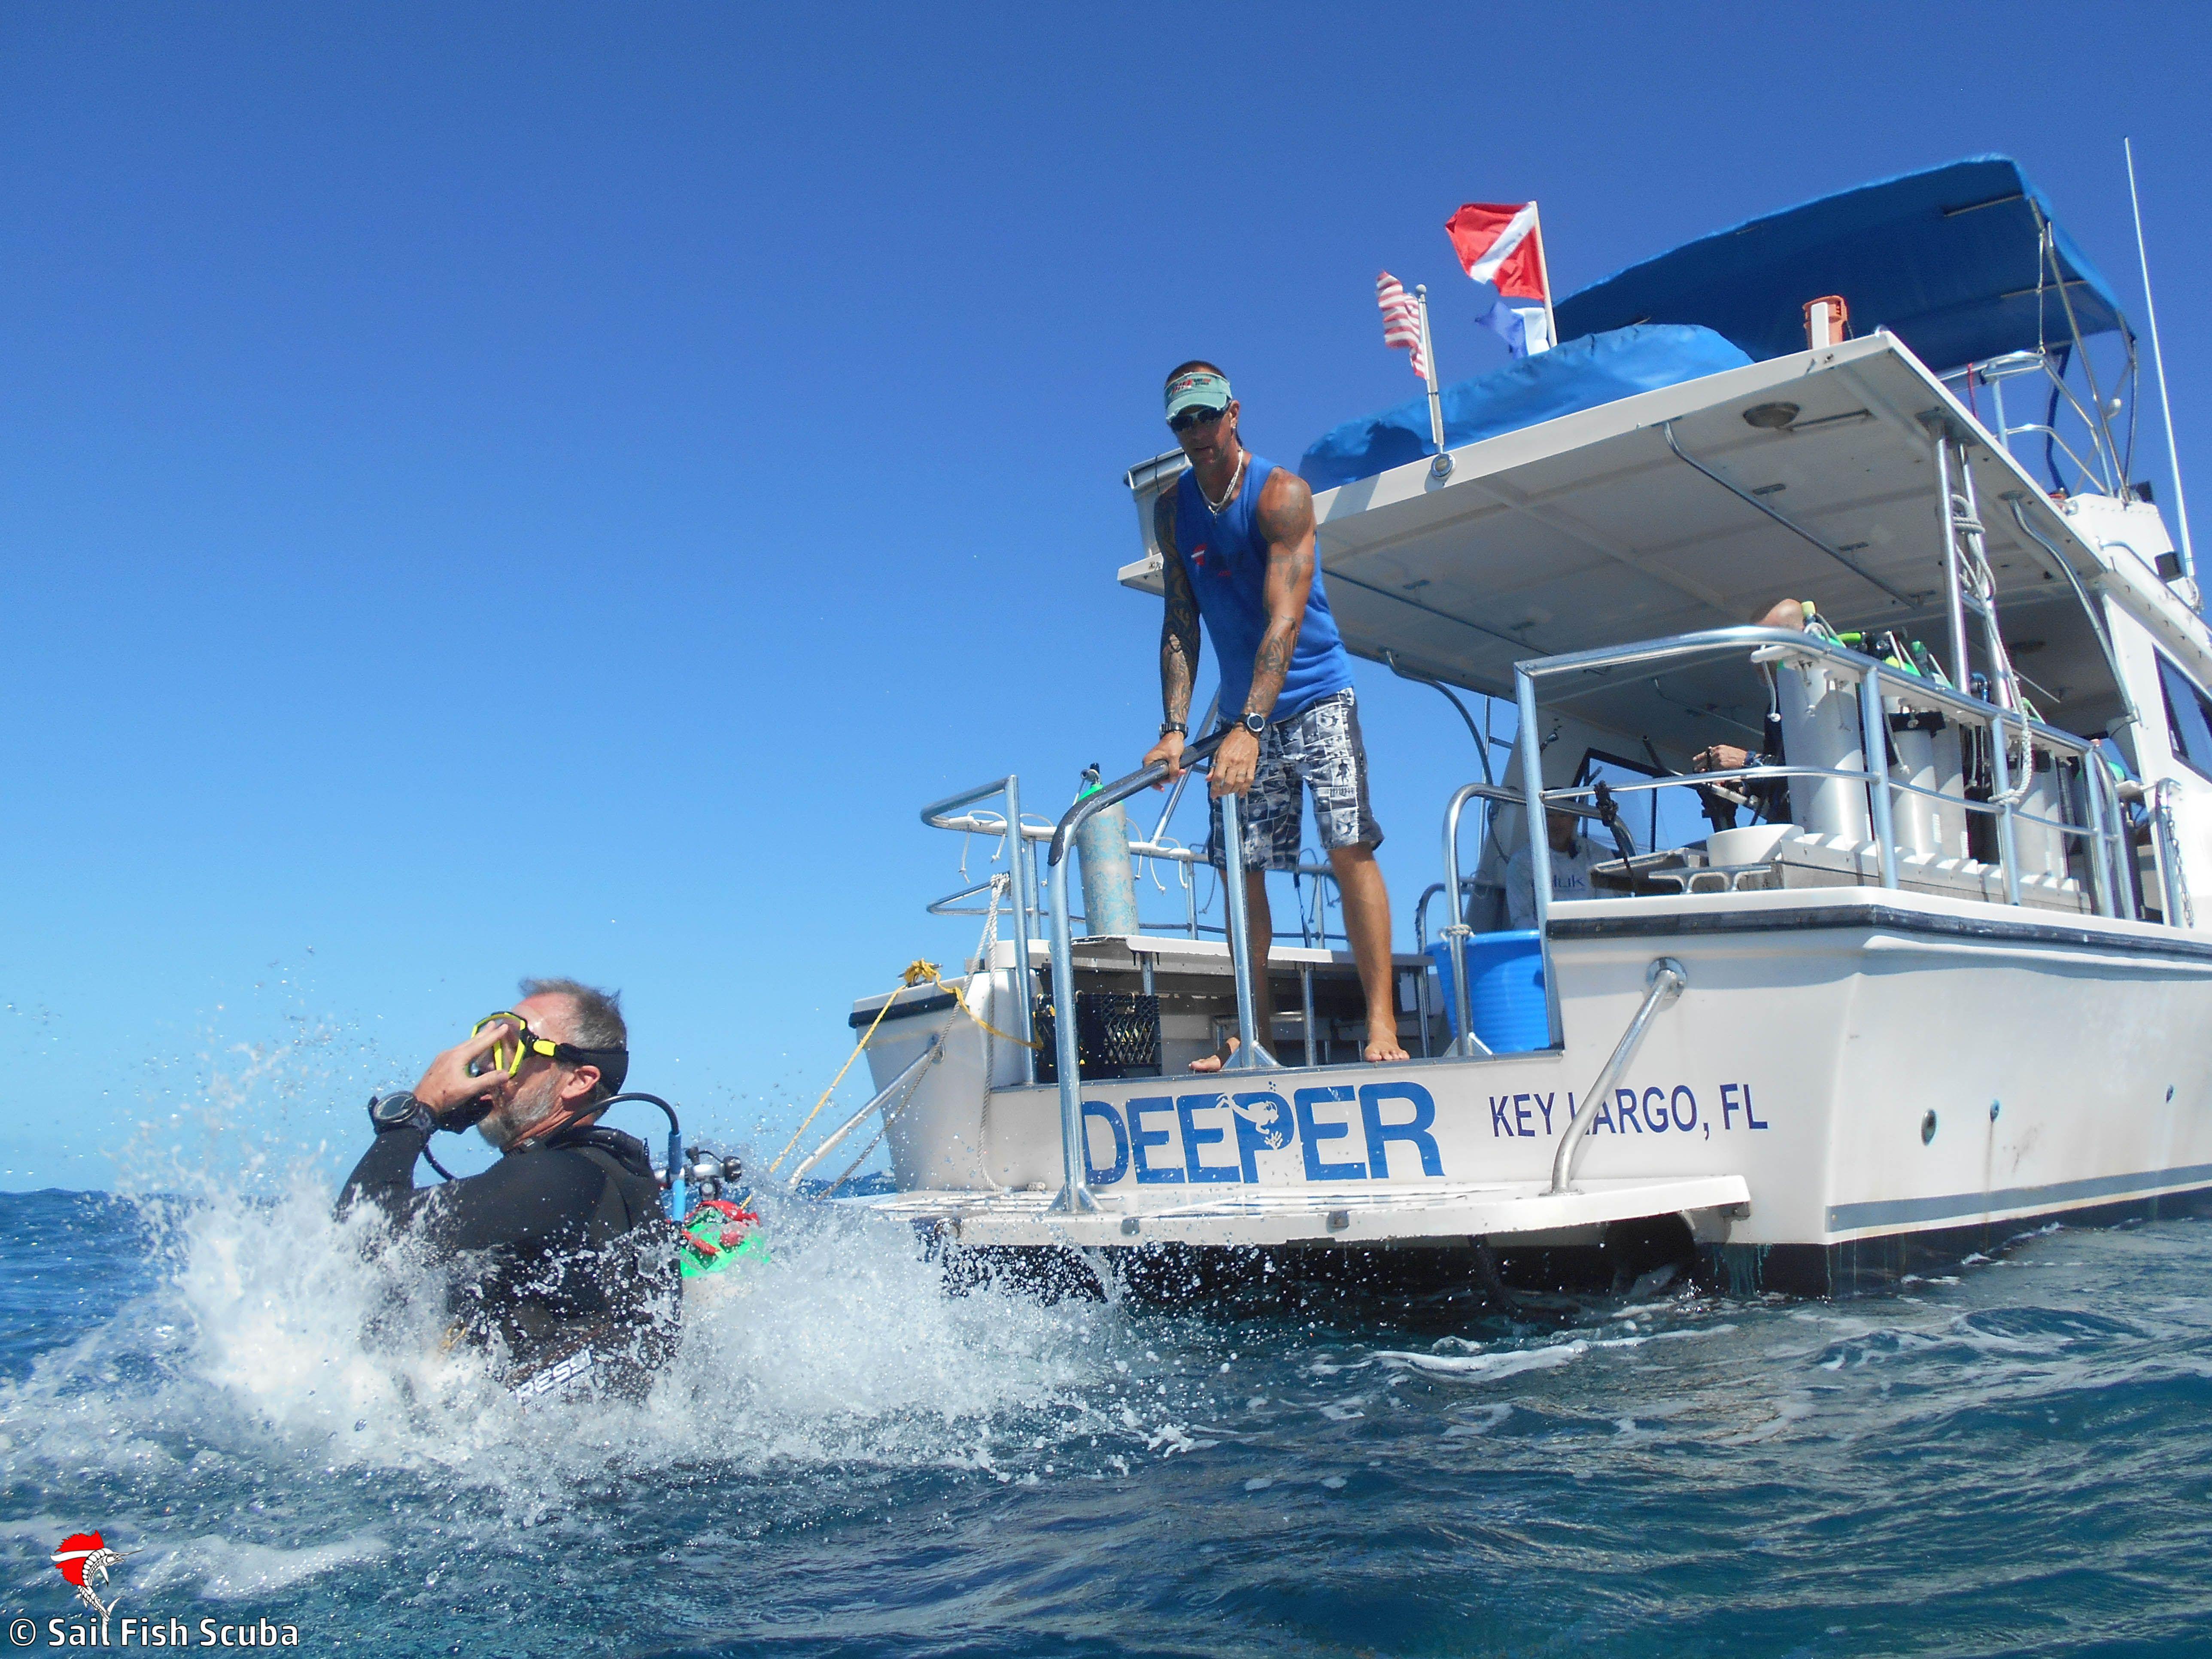 Key Largo Scuba Diving - Florida Keys Dive Shop